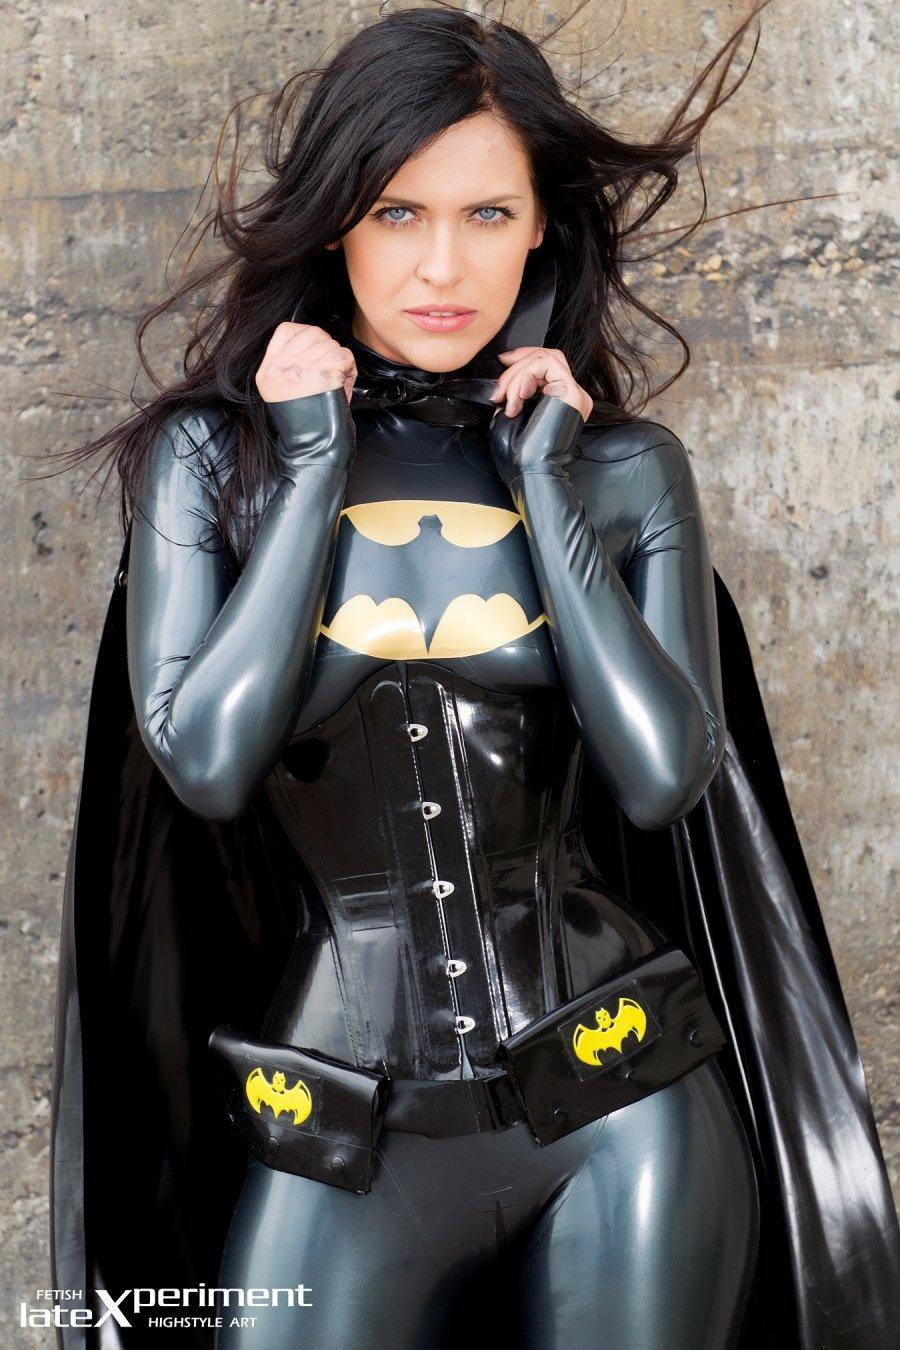 Batgirl#injustice - Изображение 1